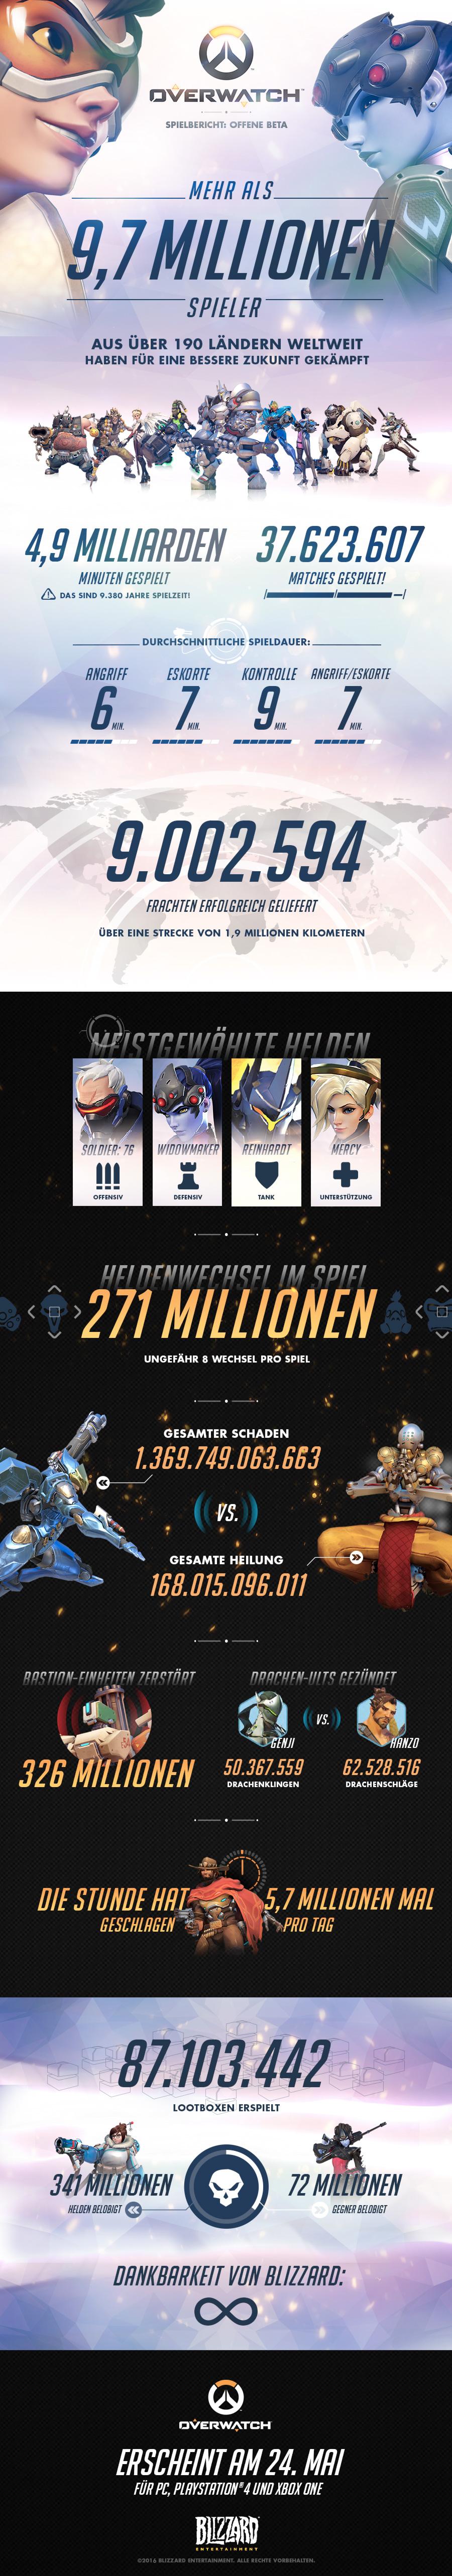 Overwatch Statistiken